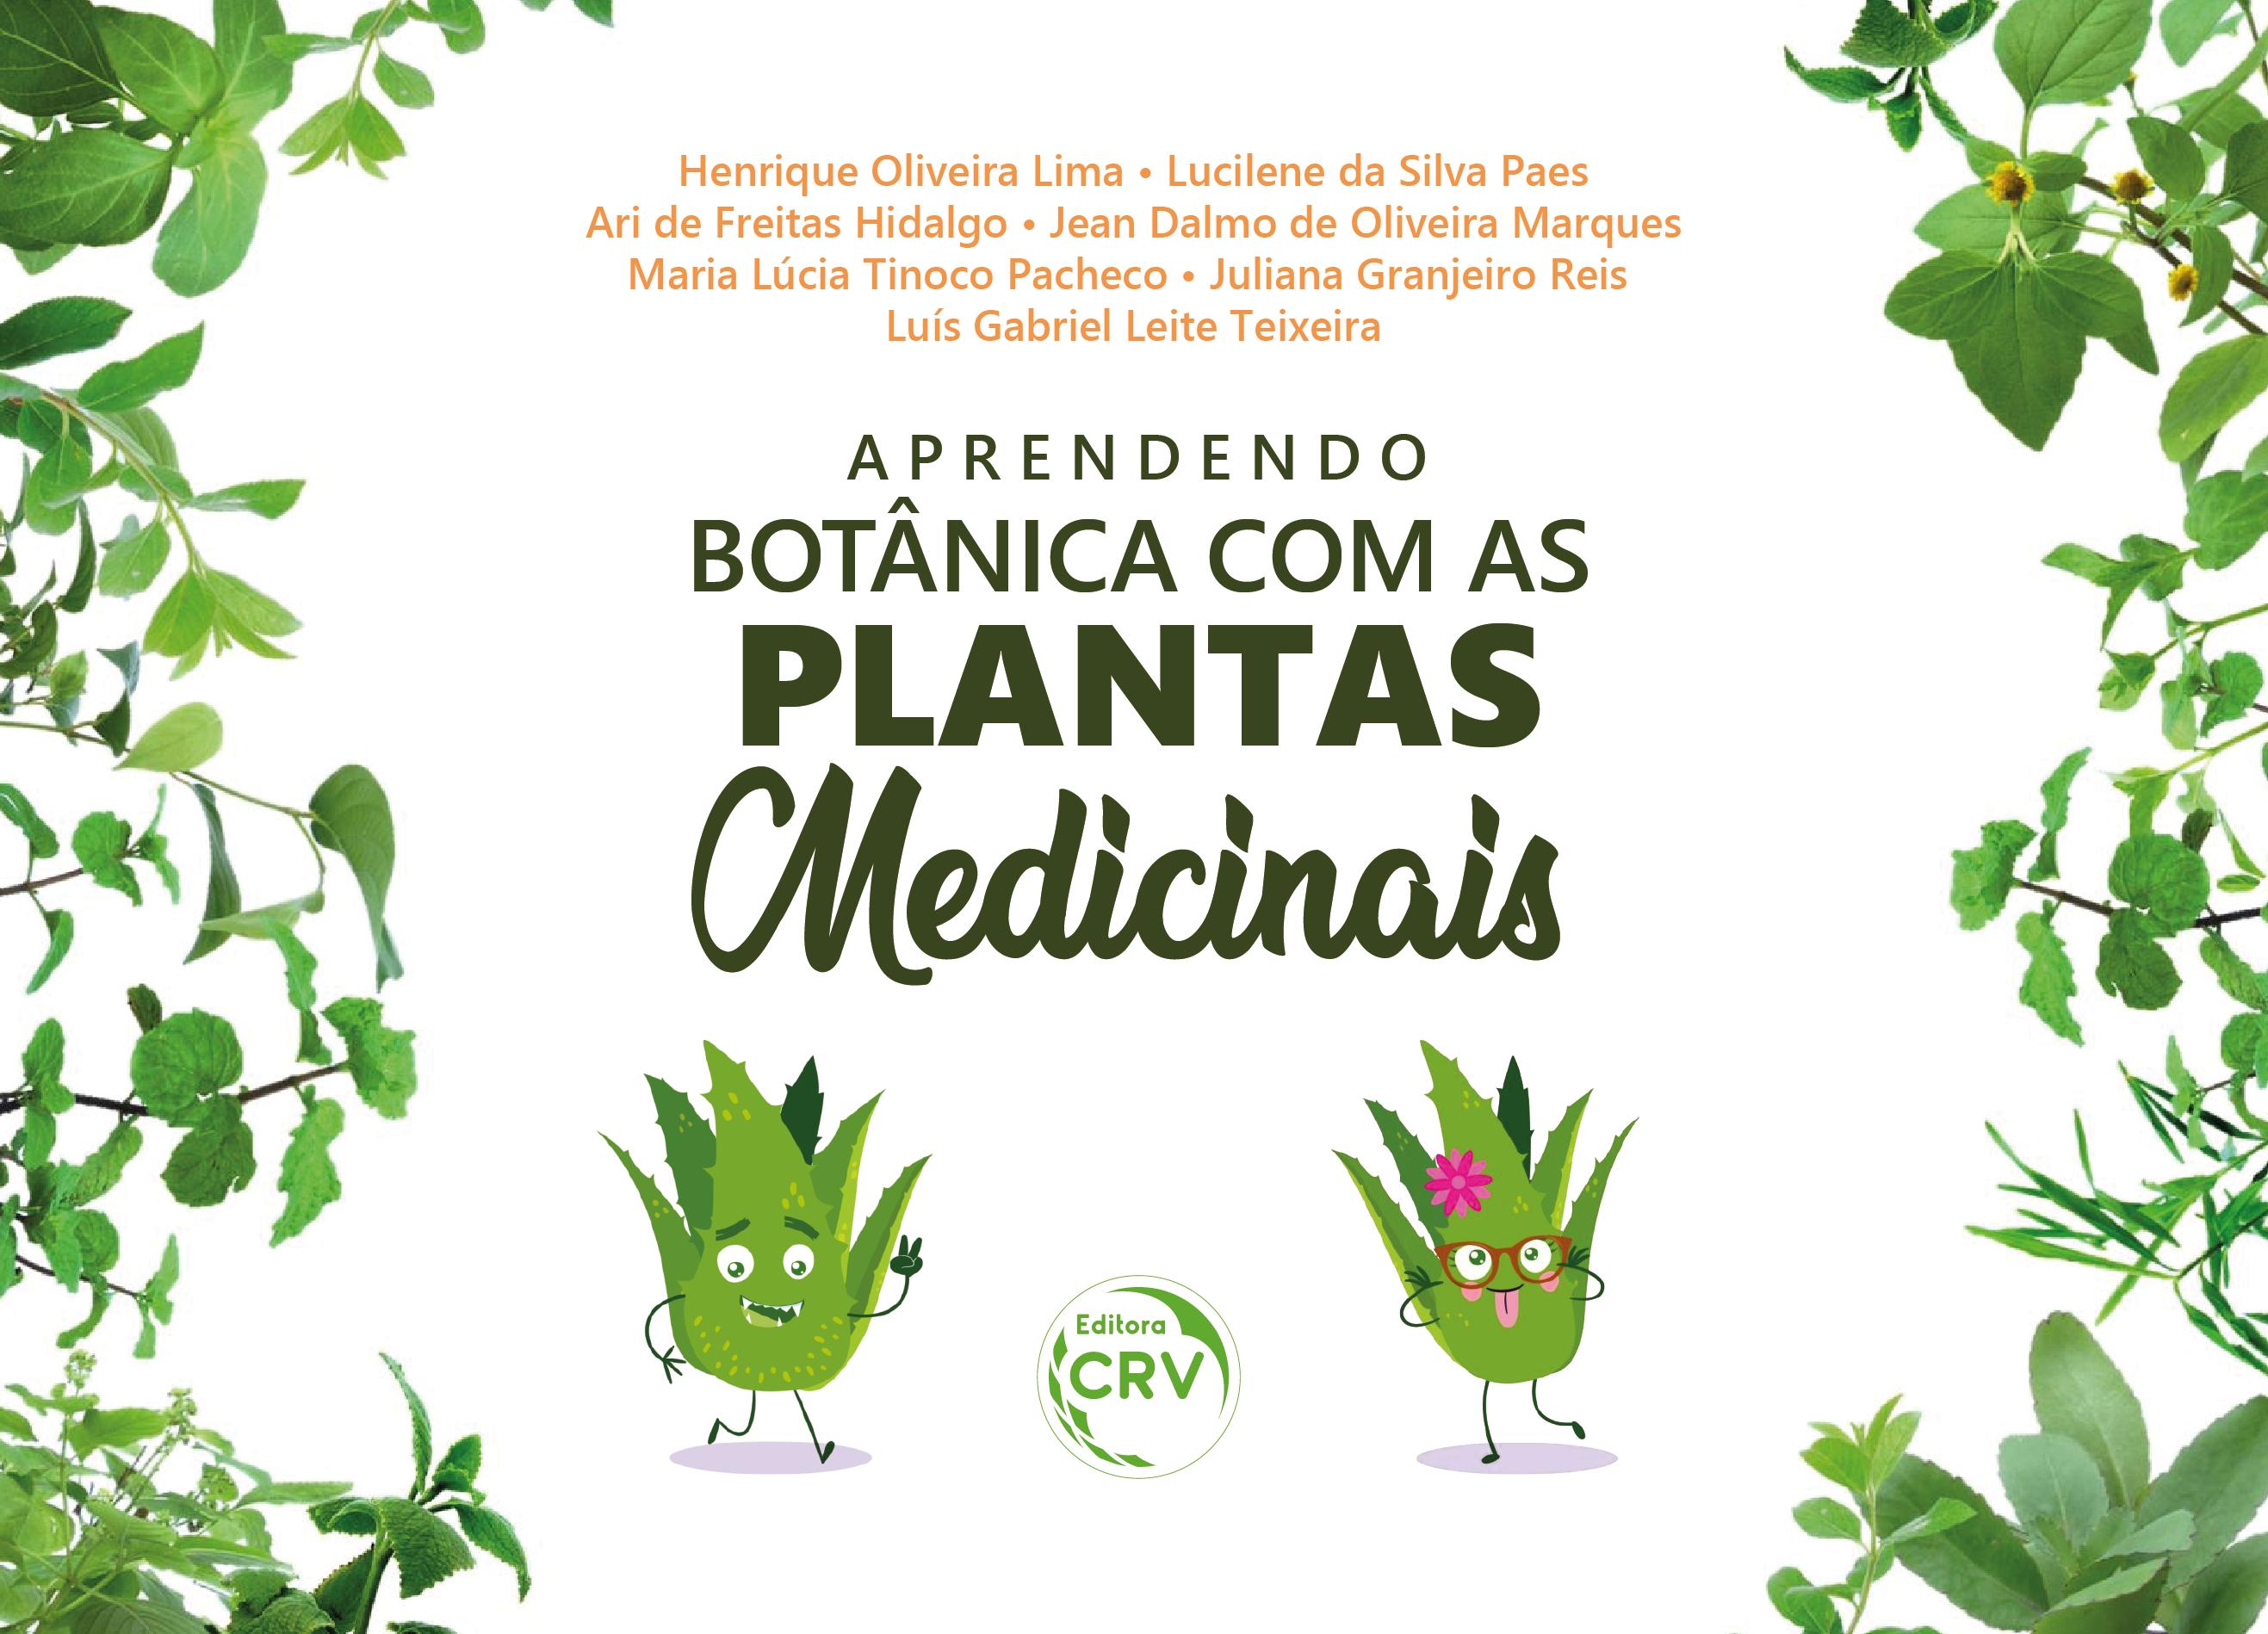 Capa do livro: APRENDENDO BOTÂNICA COM AS PLANTAS MEDICINAIS